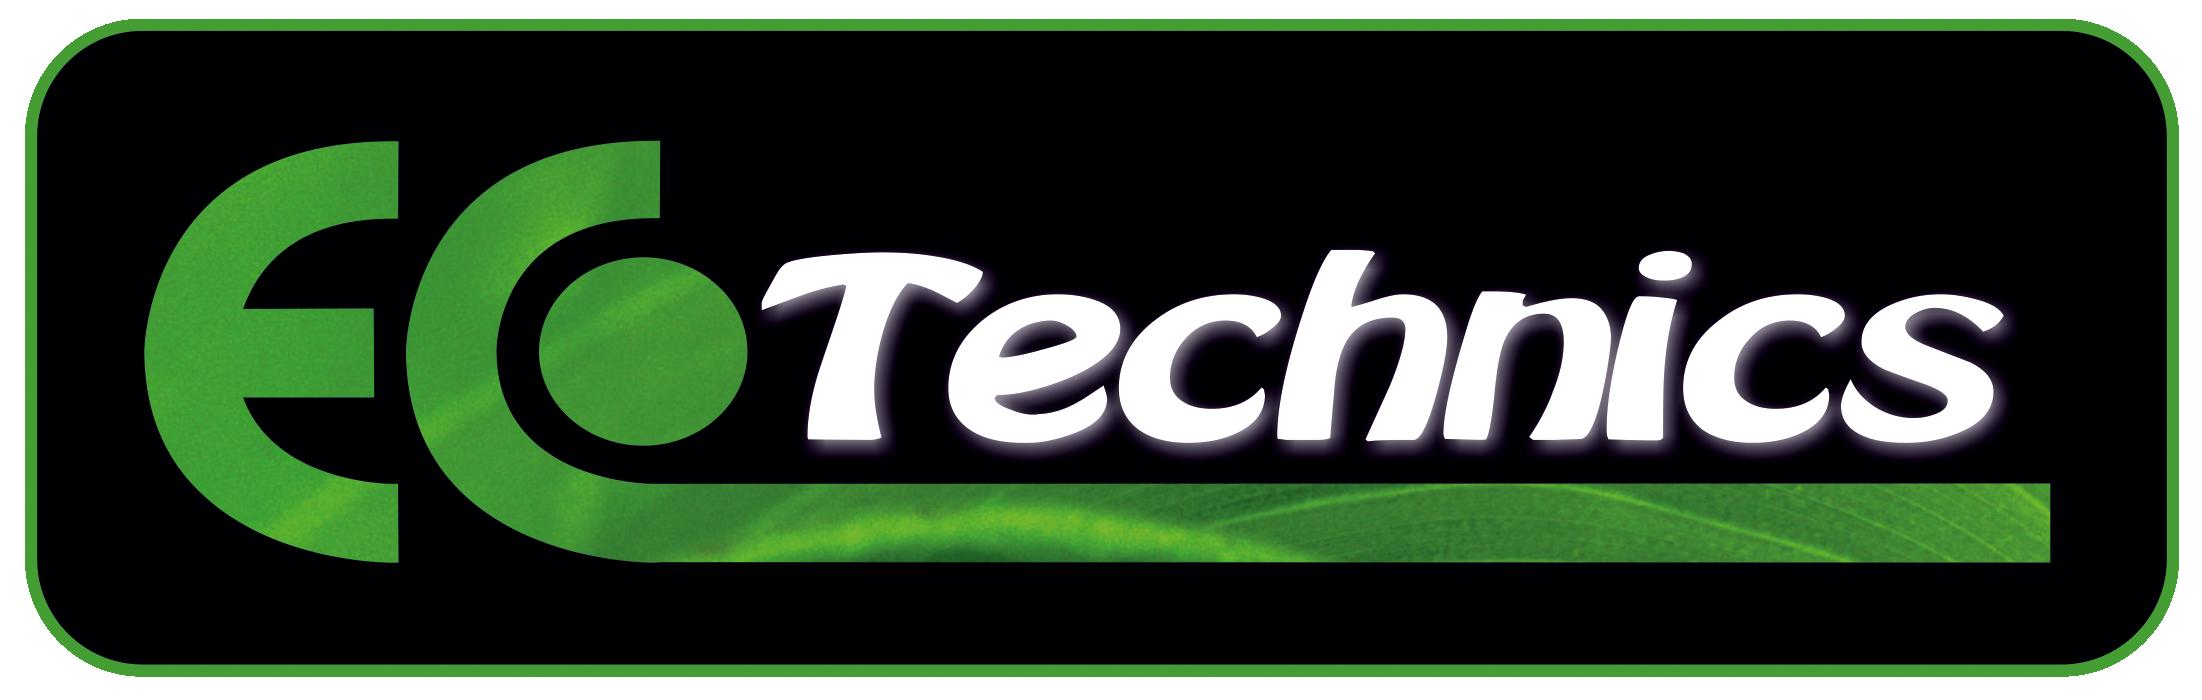 Eco-Technics